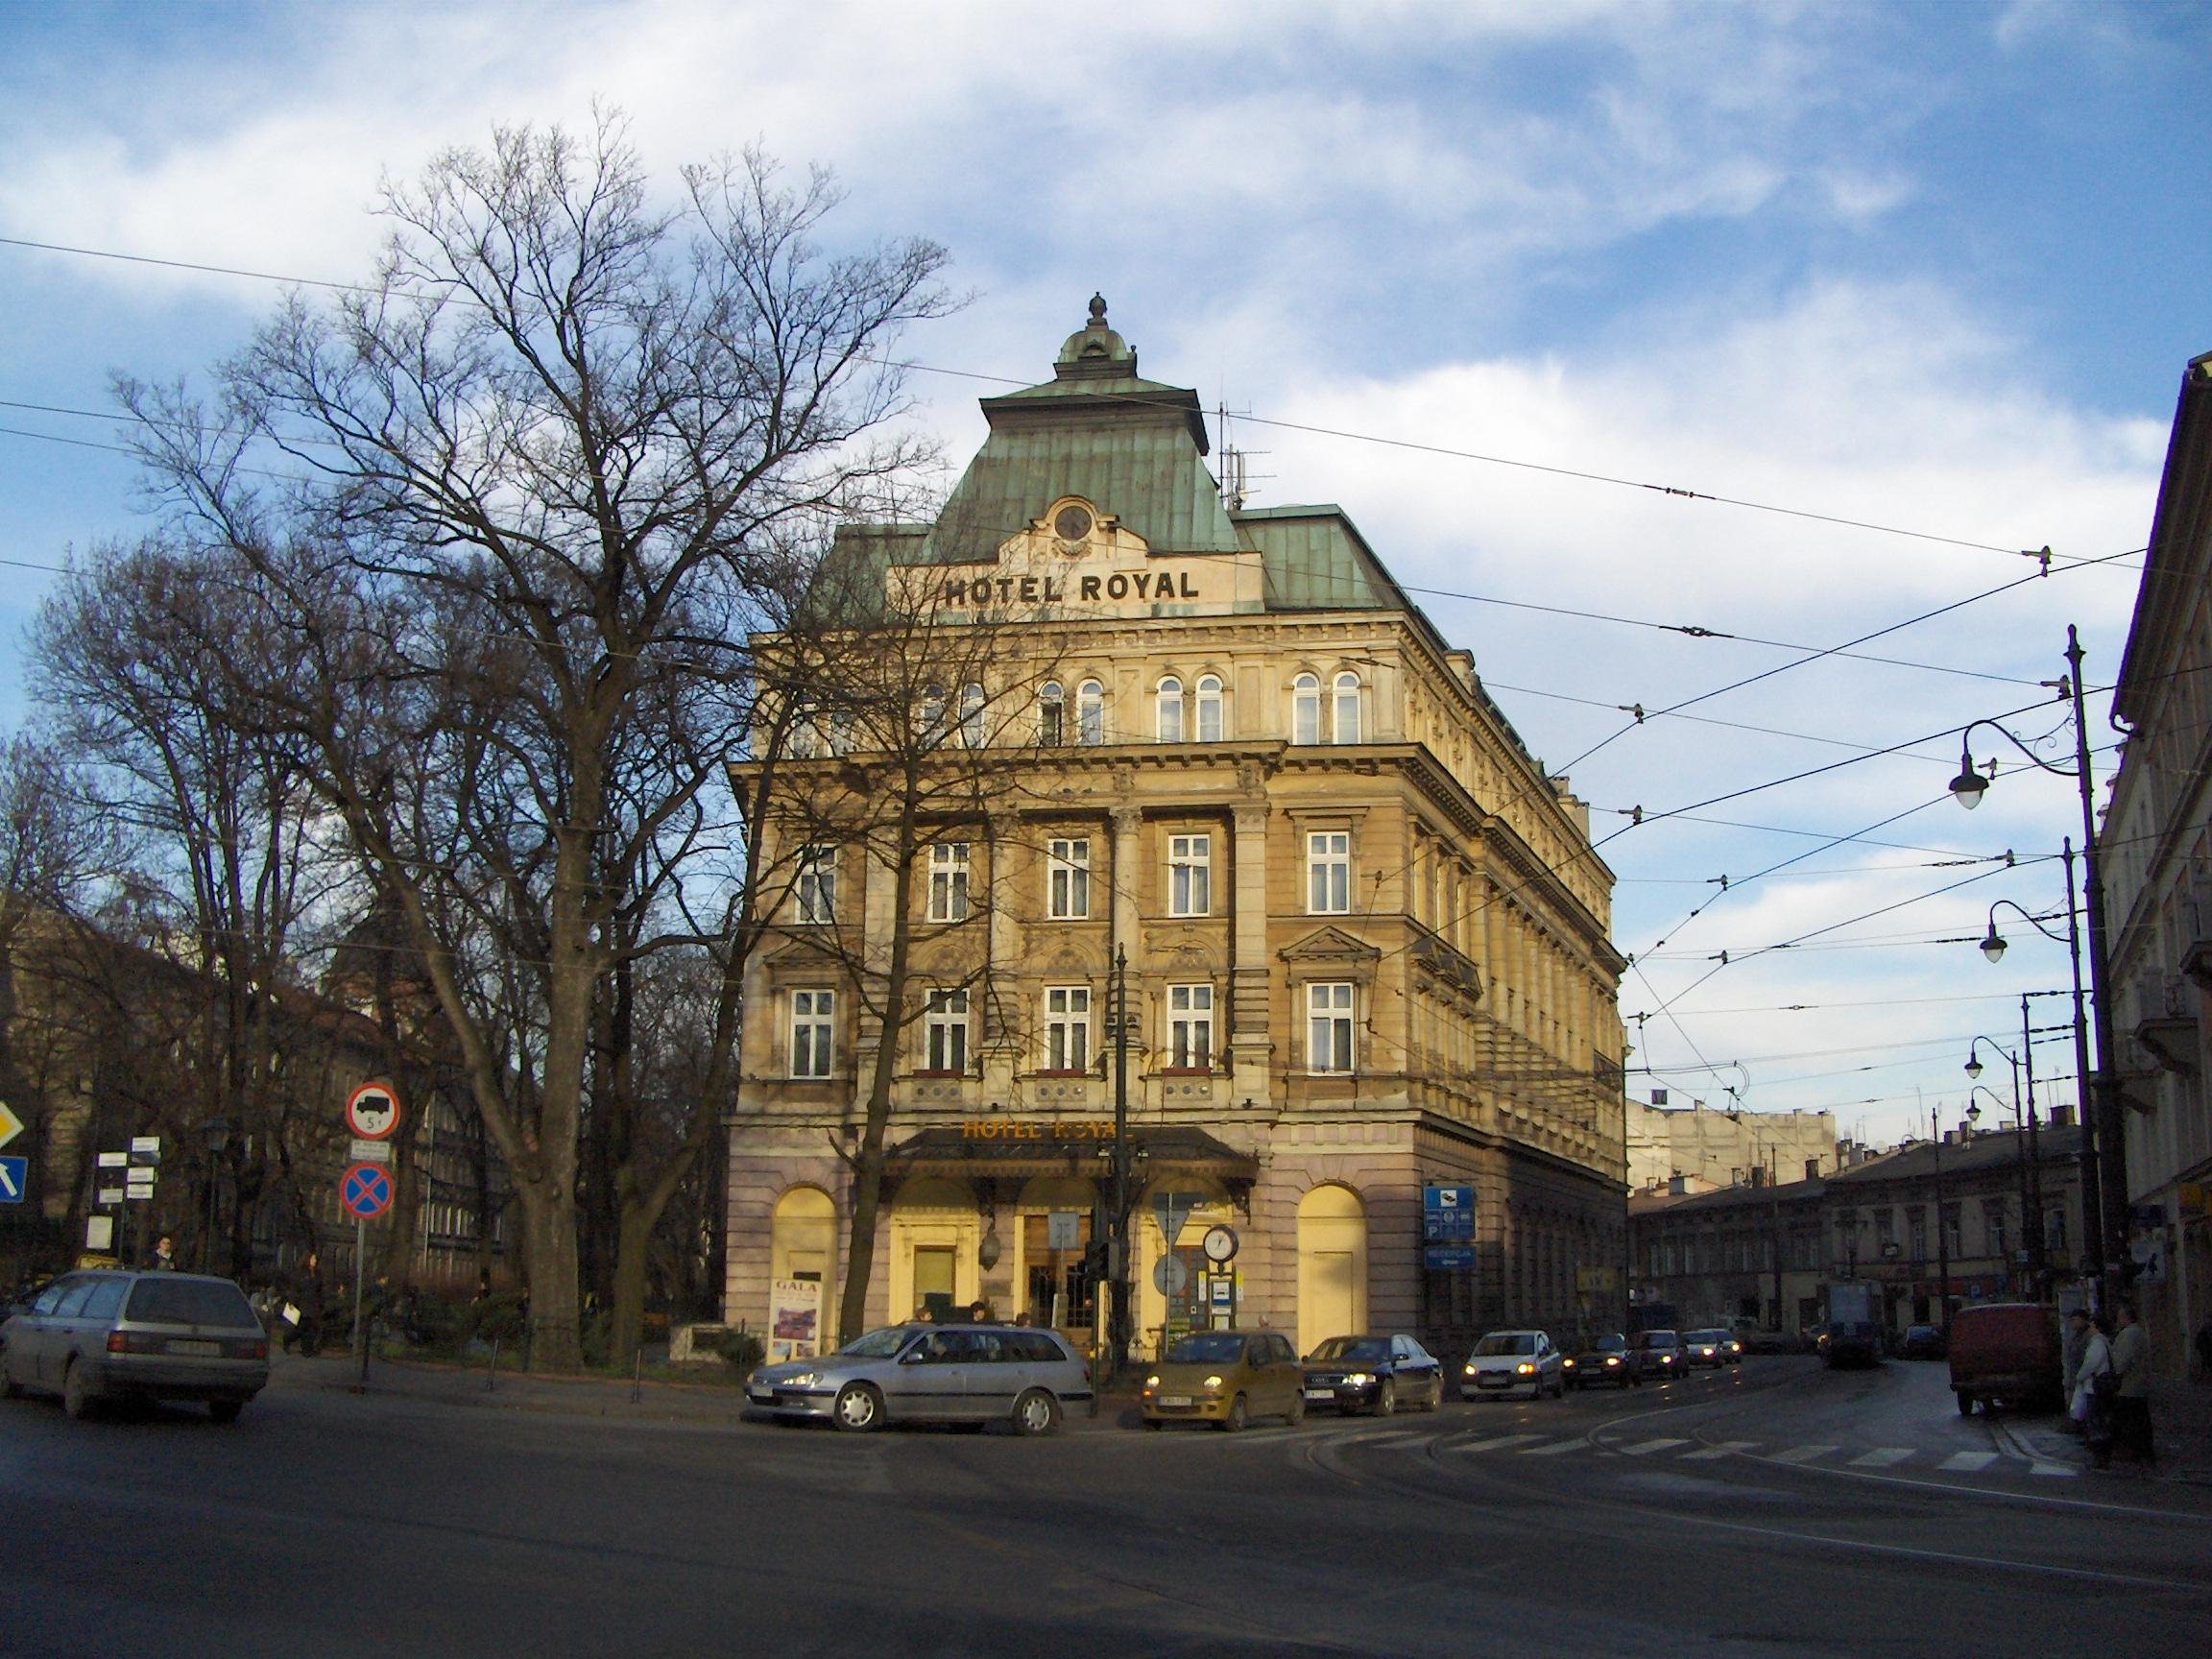 Fotka Zdjecia